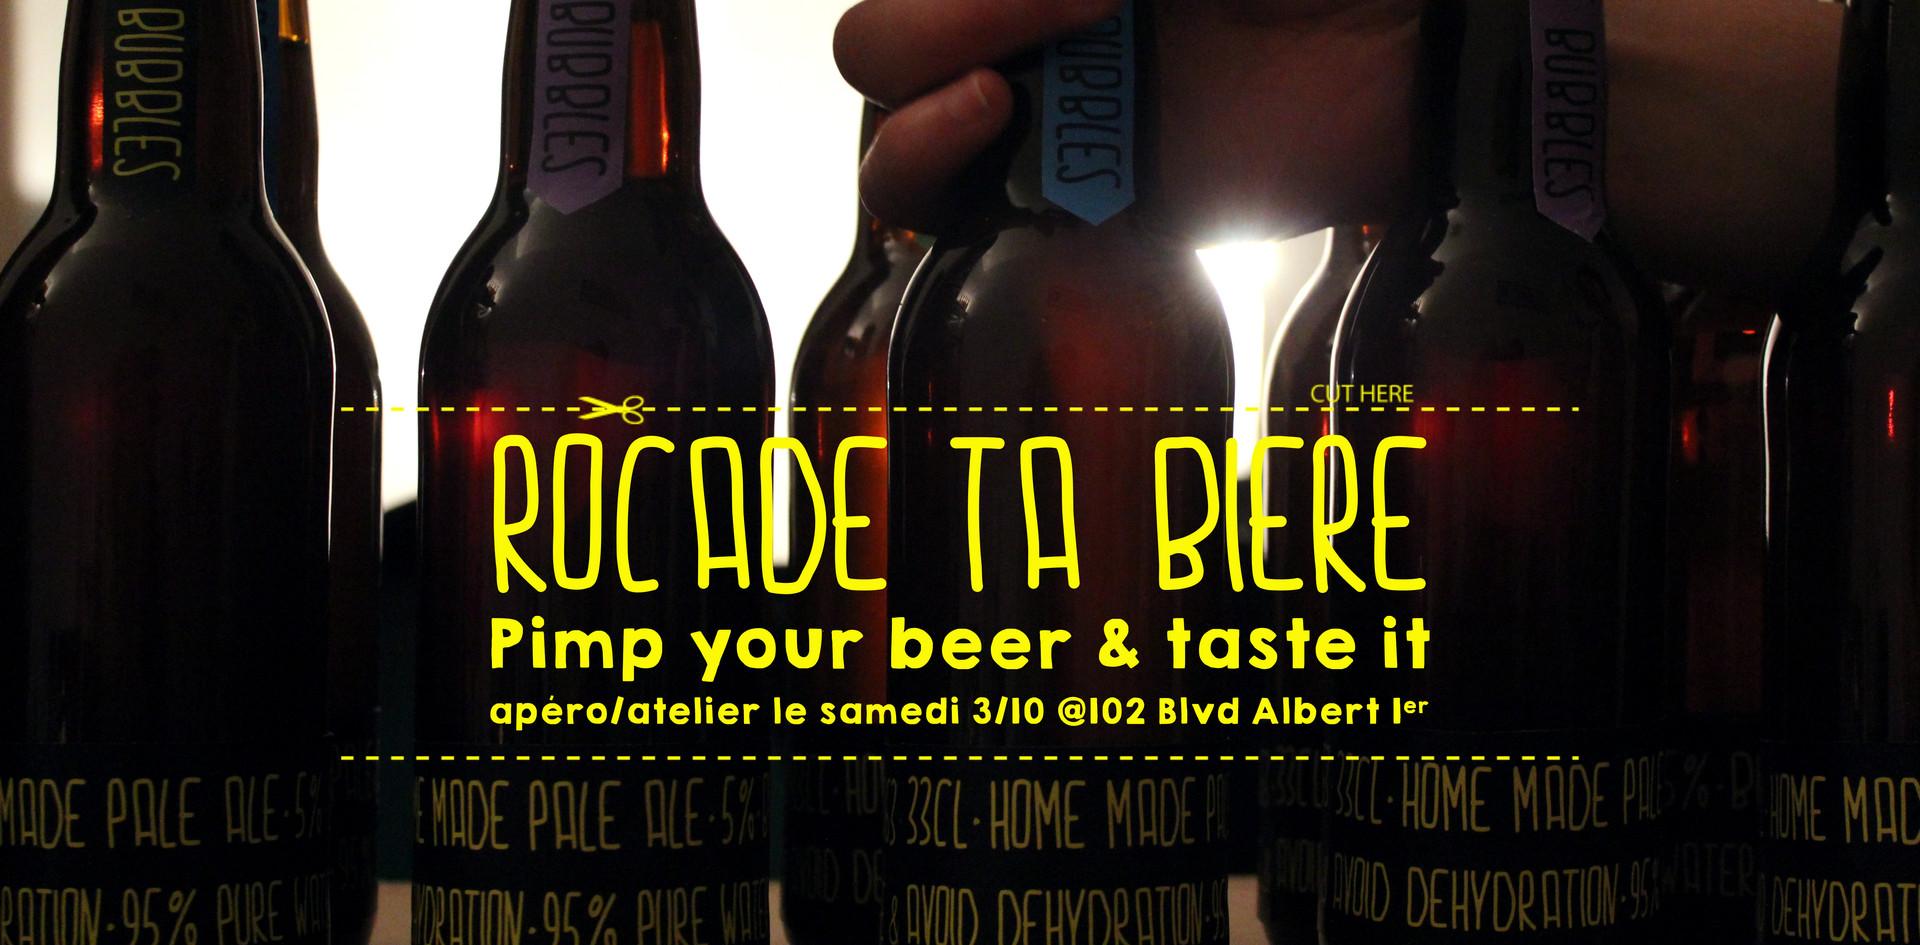 Soirée Rocade ta bière.jpg